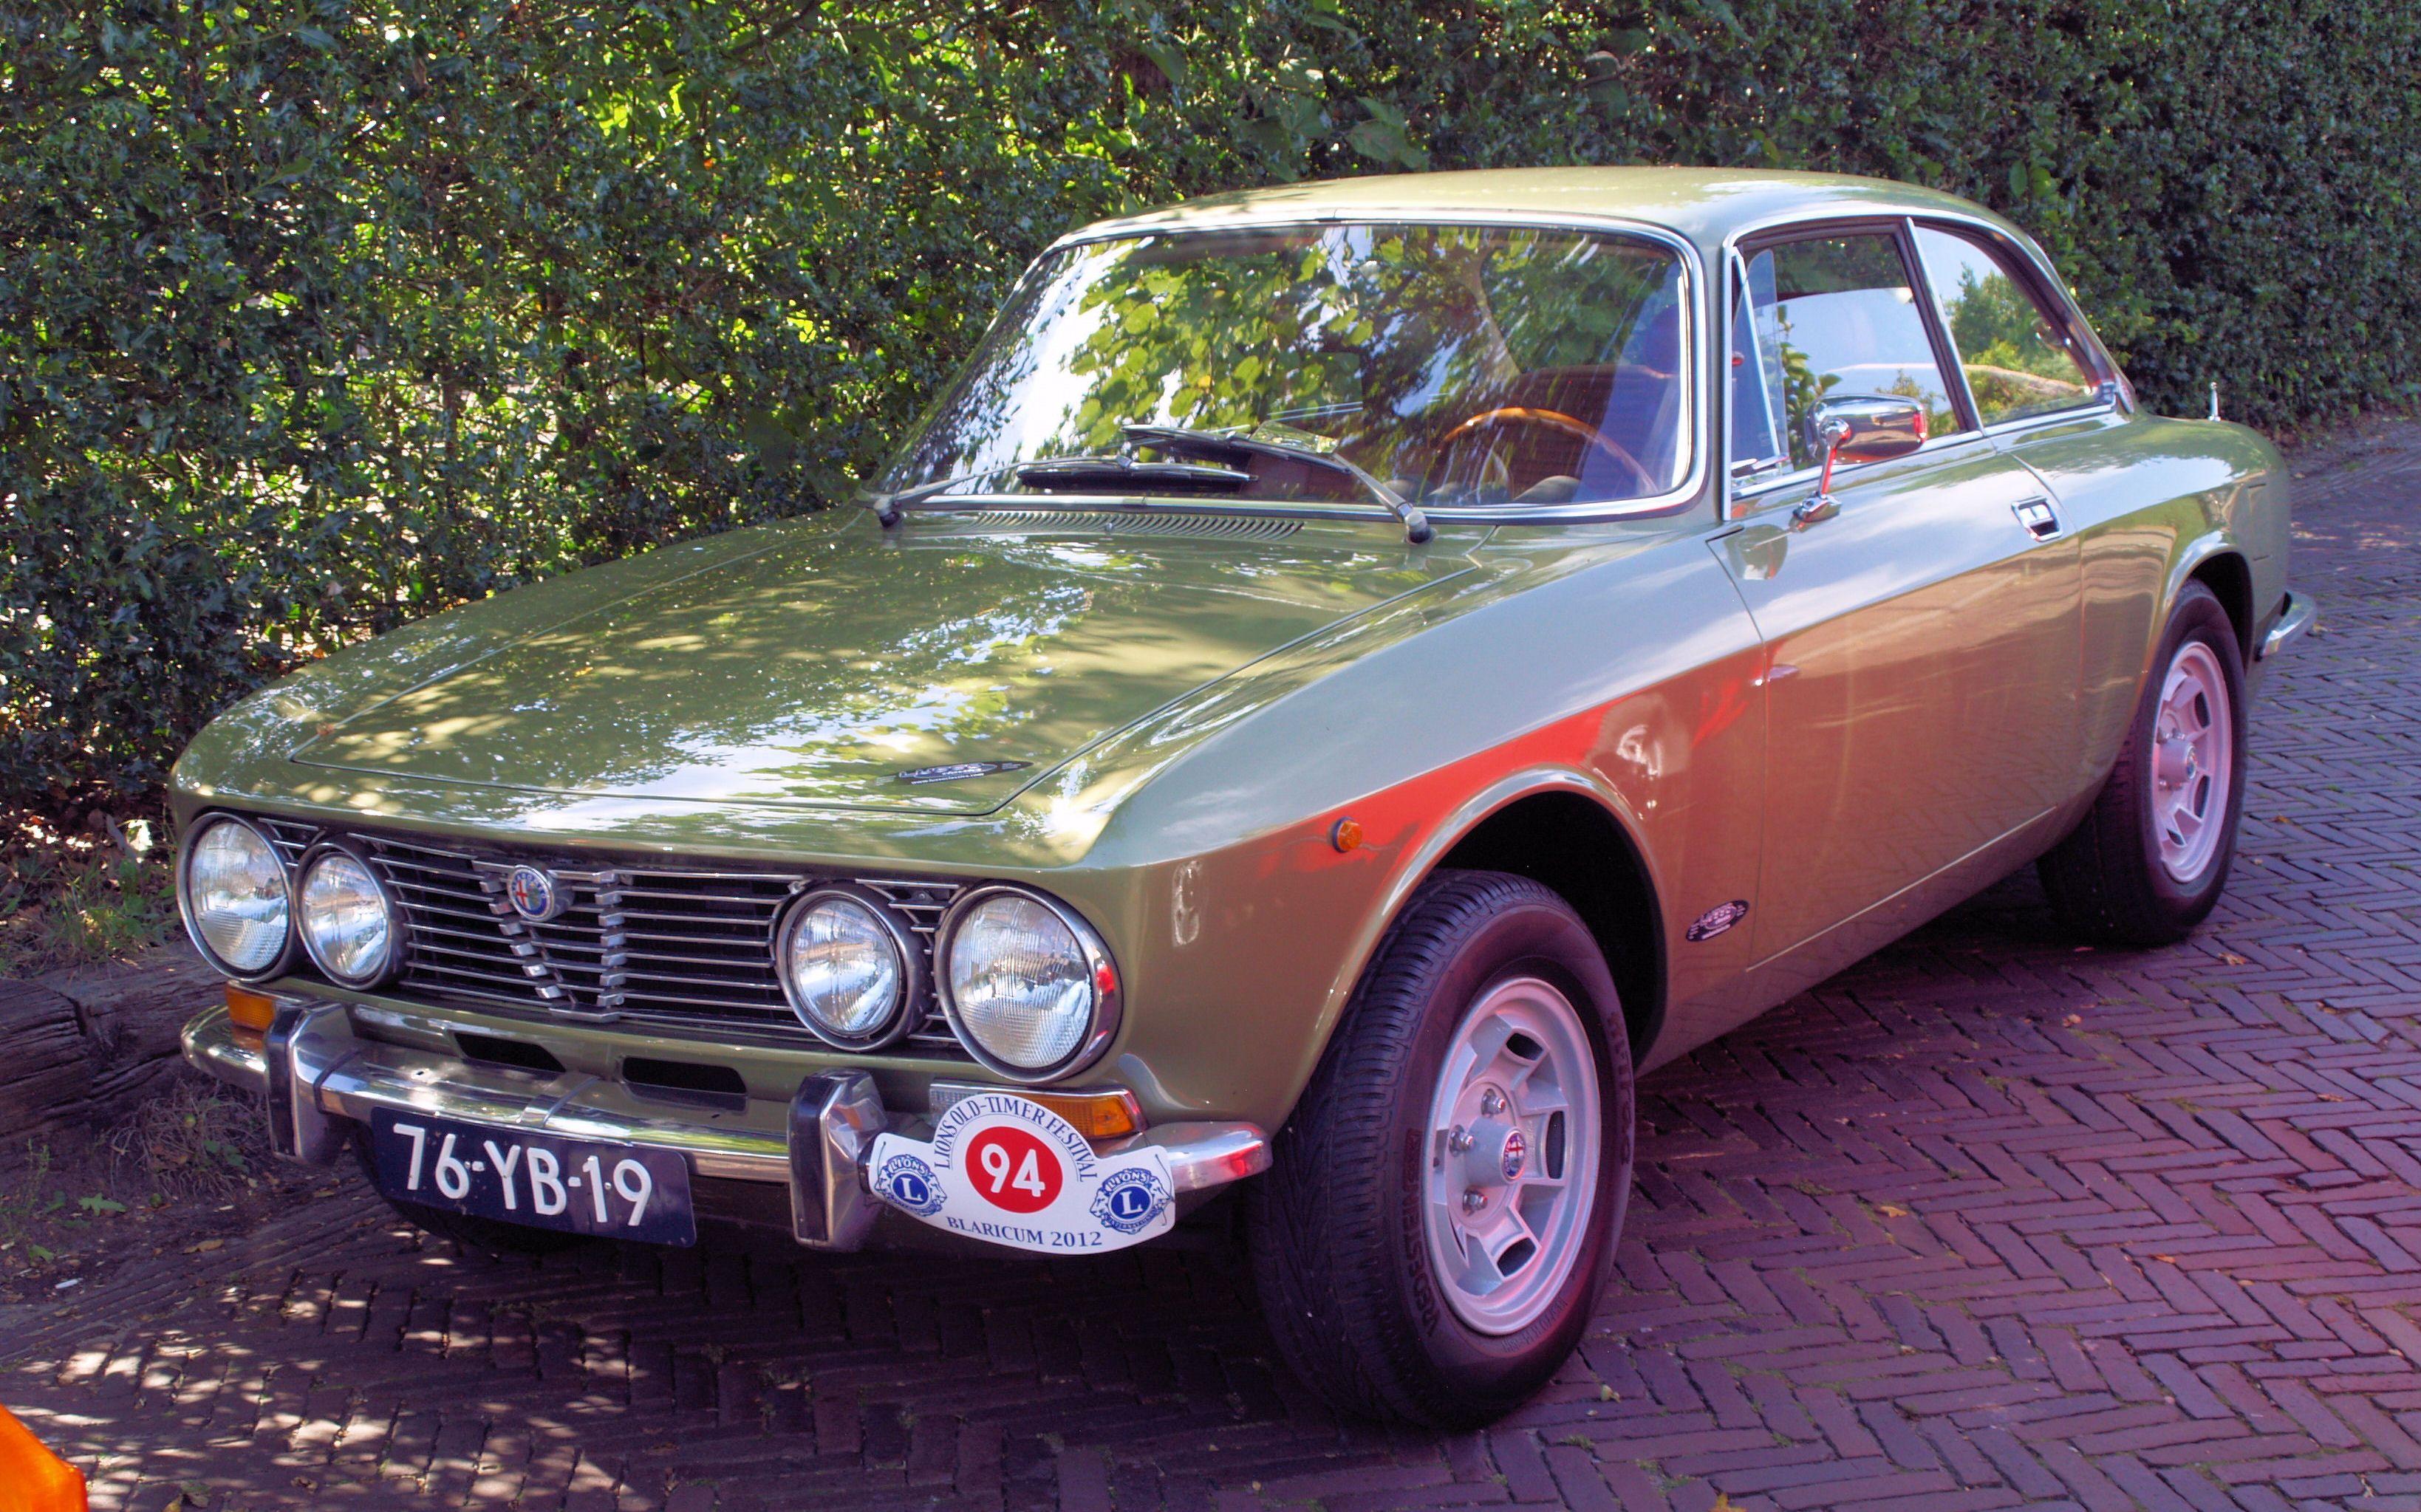 Alfa Romeo Gtv 2000 Bertone For Sale 1973 Alfa Romeo Gtv For Sale Alfa Romeo Alfa Romeo Gtv Dream Cars